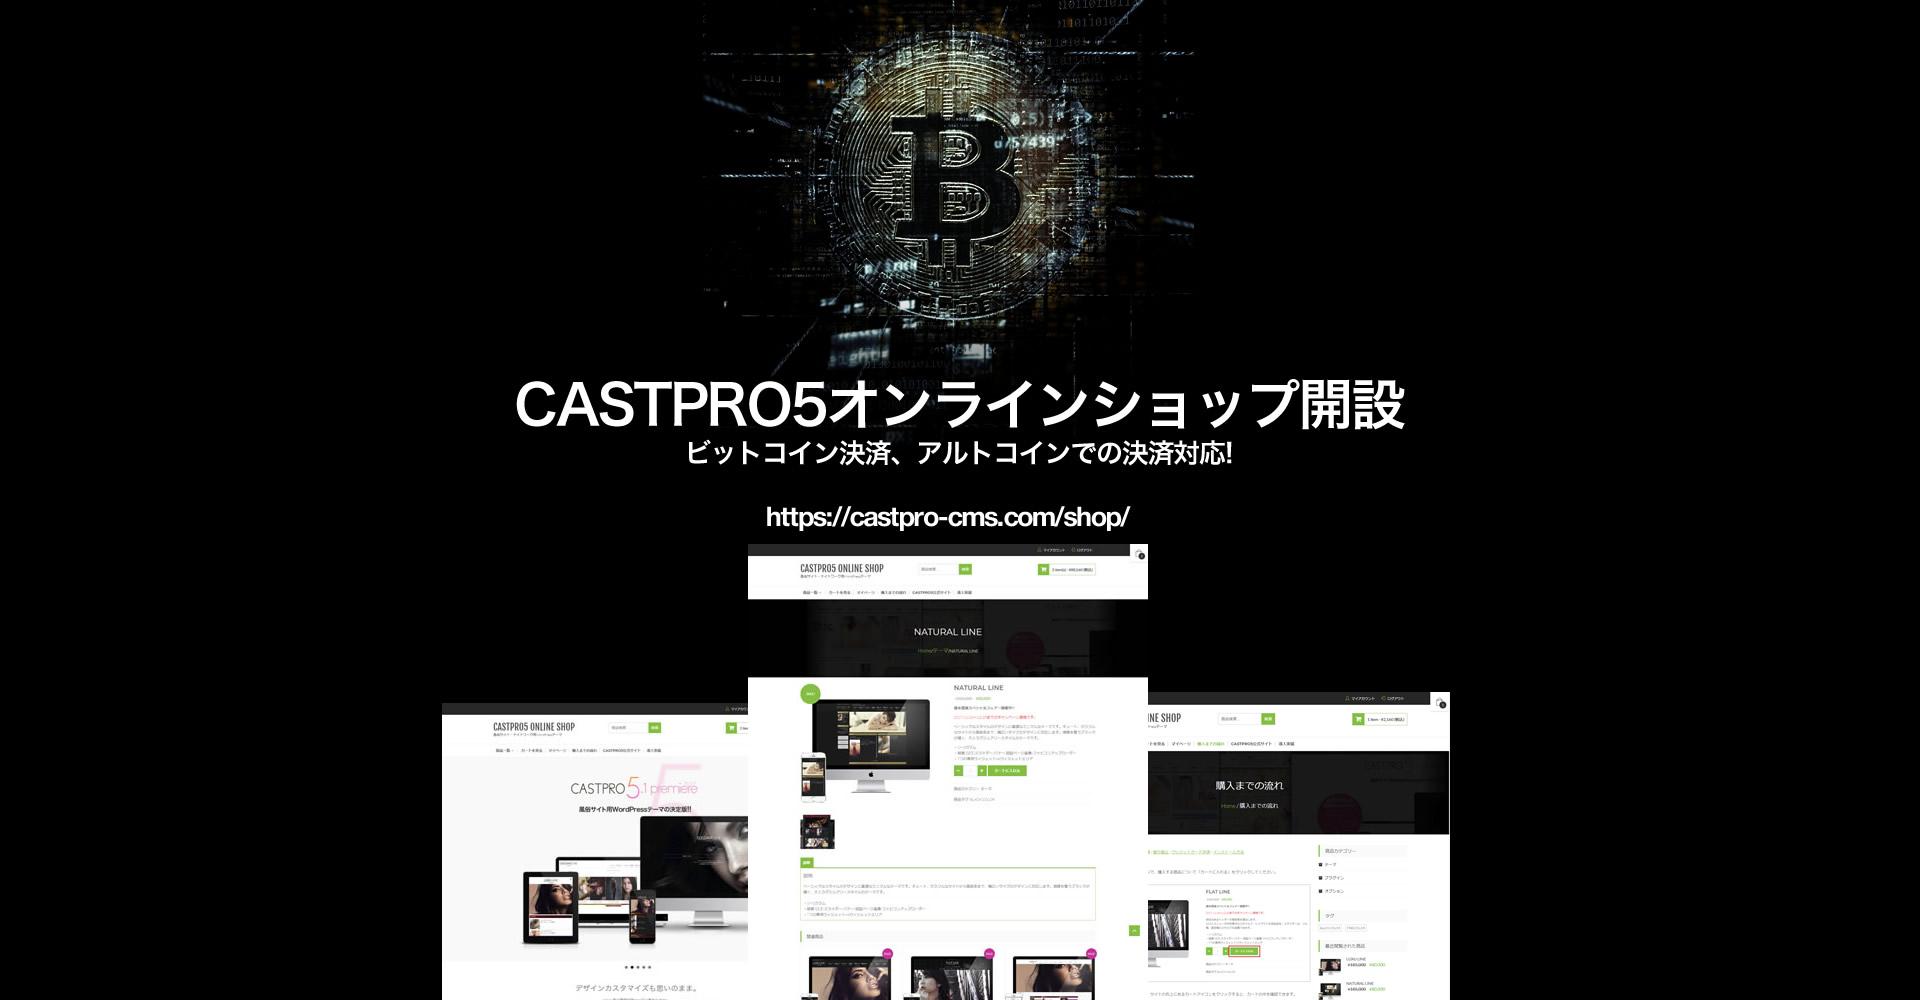 CASTPRO5オンラインショップ開設のお知らせ